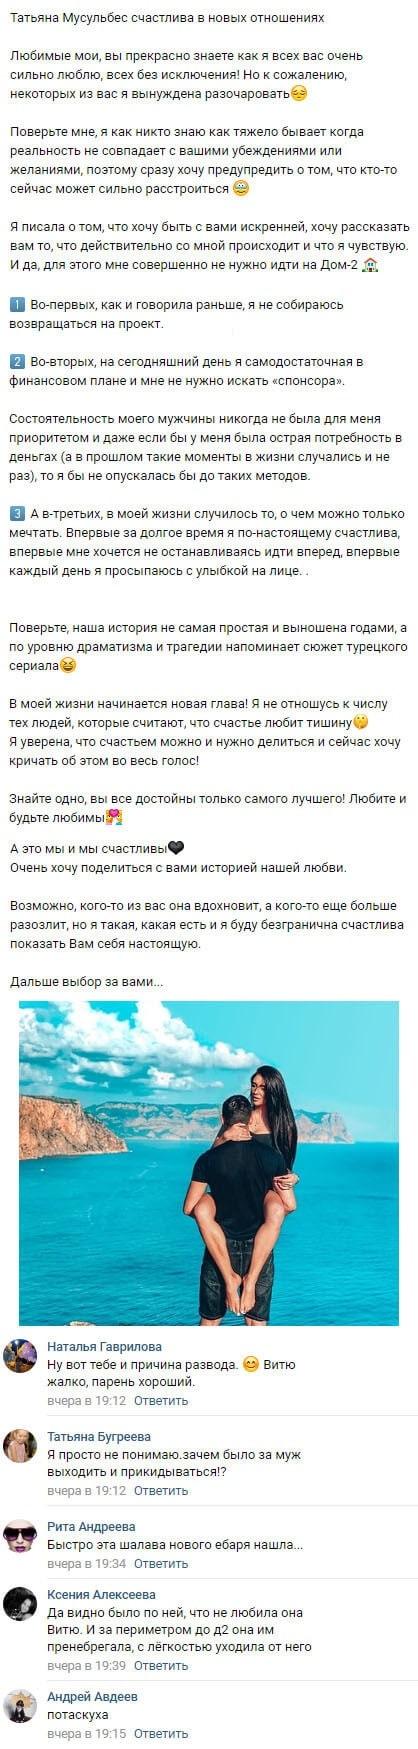 Татьяна Мусульбес поделилась фото с новым мужчиной